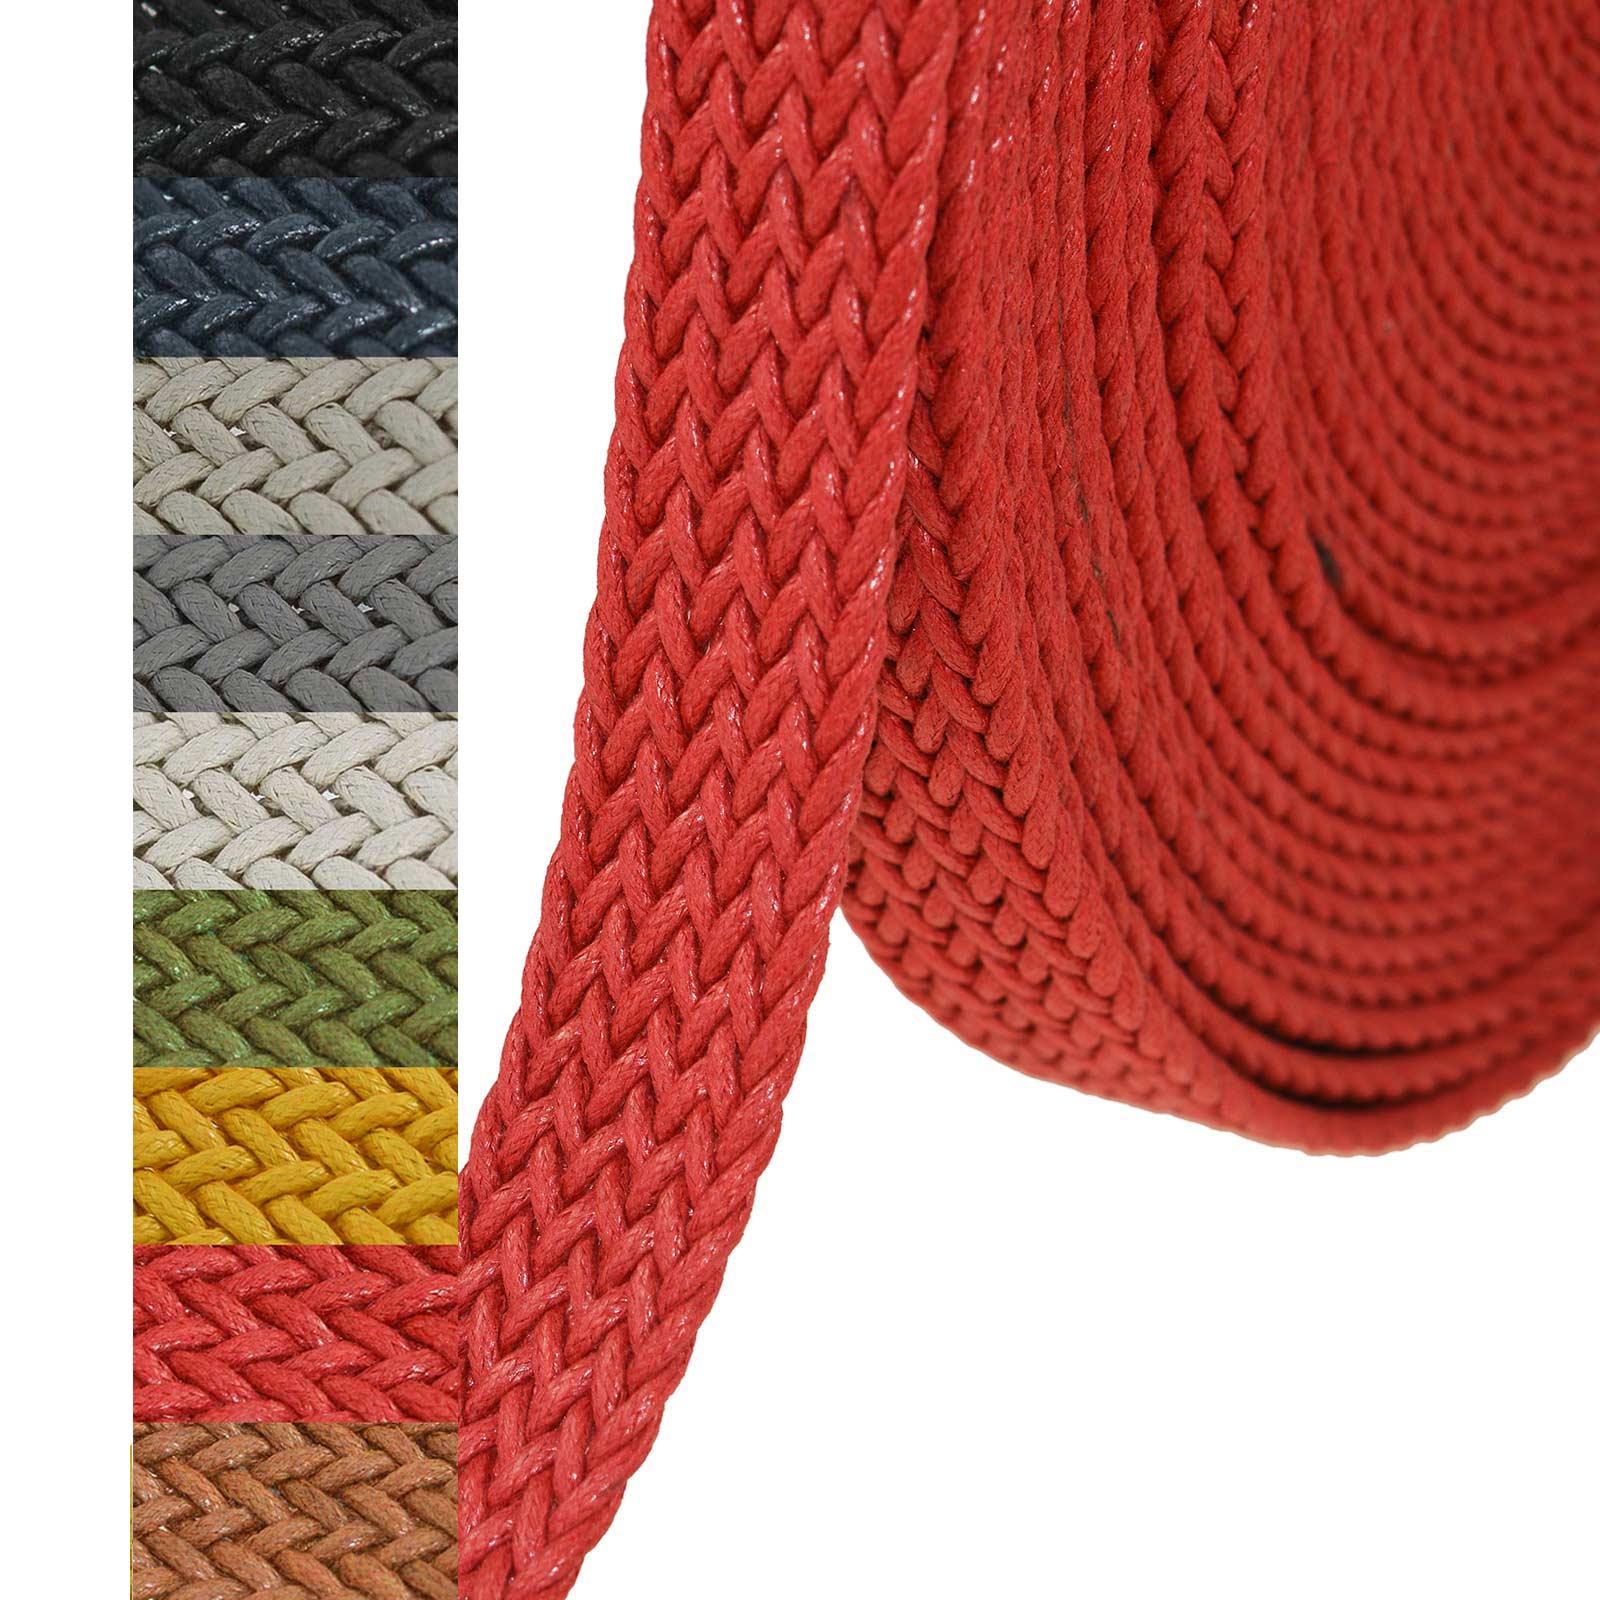 1m Gurtband geflochten Gurte Gurtbänder Kurzwaren Tragegurt Taschengurt Variantenwahl – Bild 16